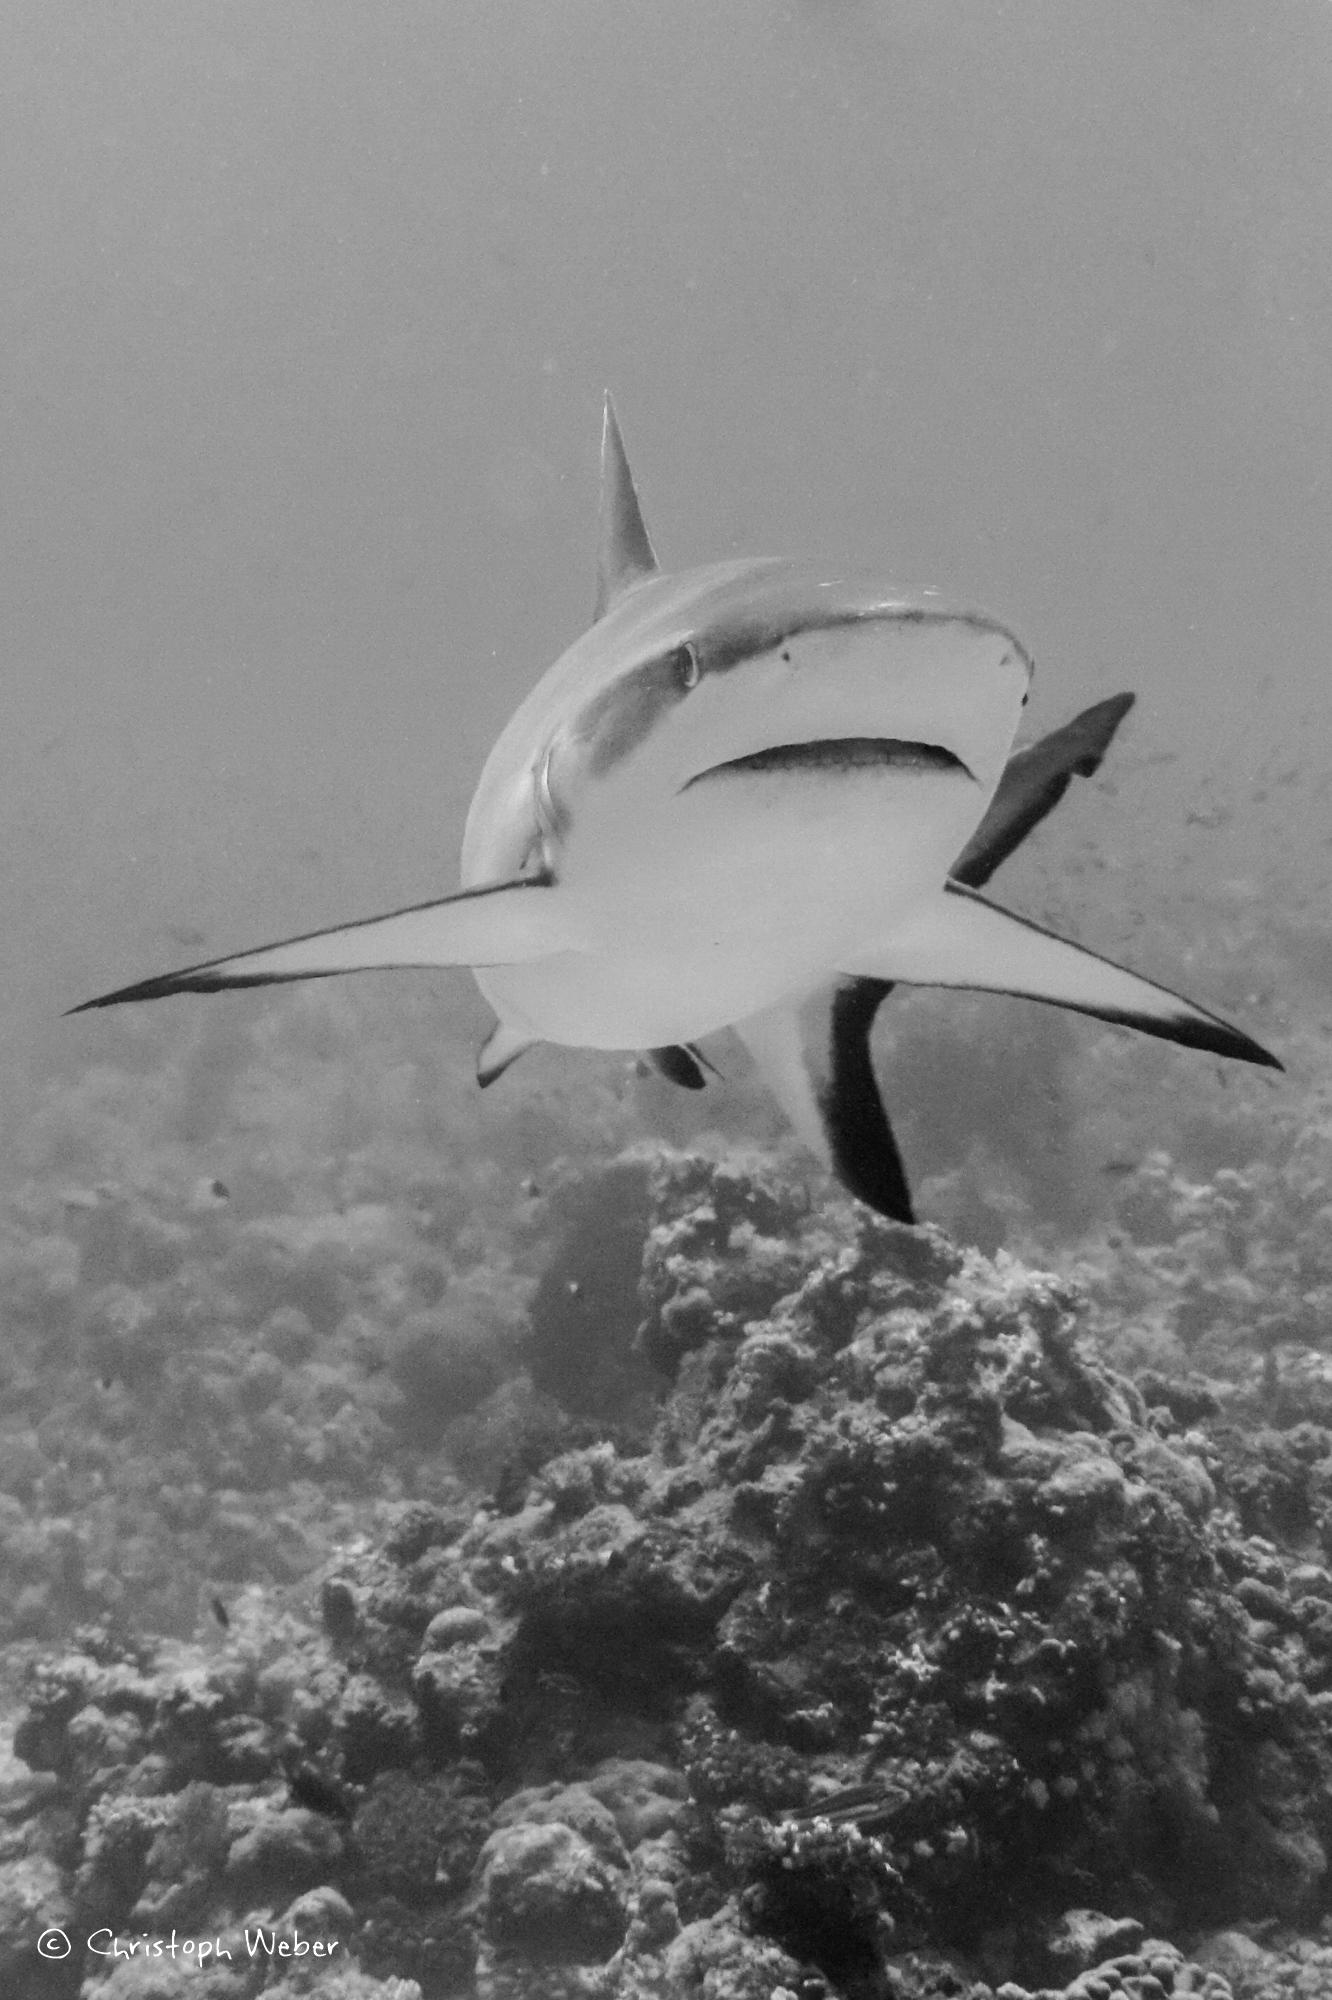 Grey face - A very close grey shark